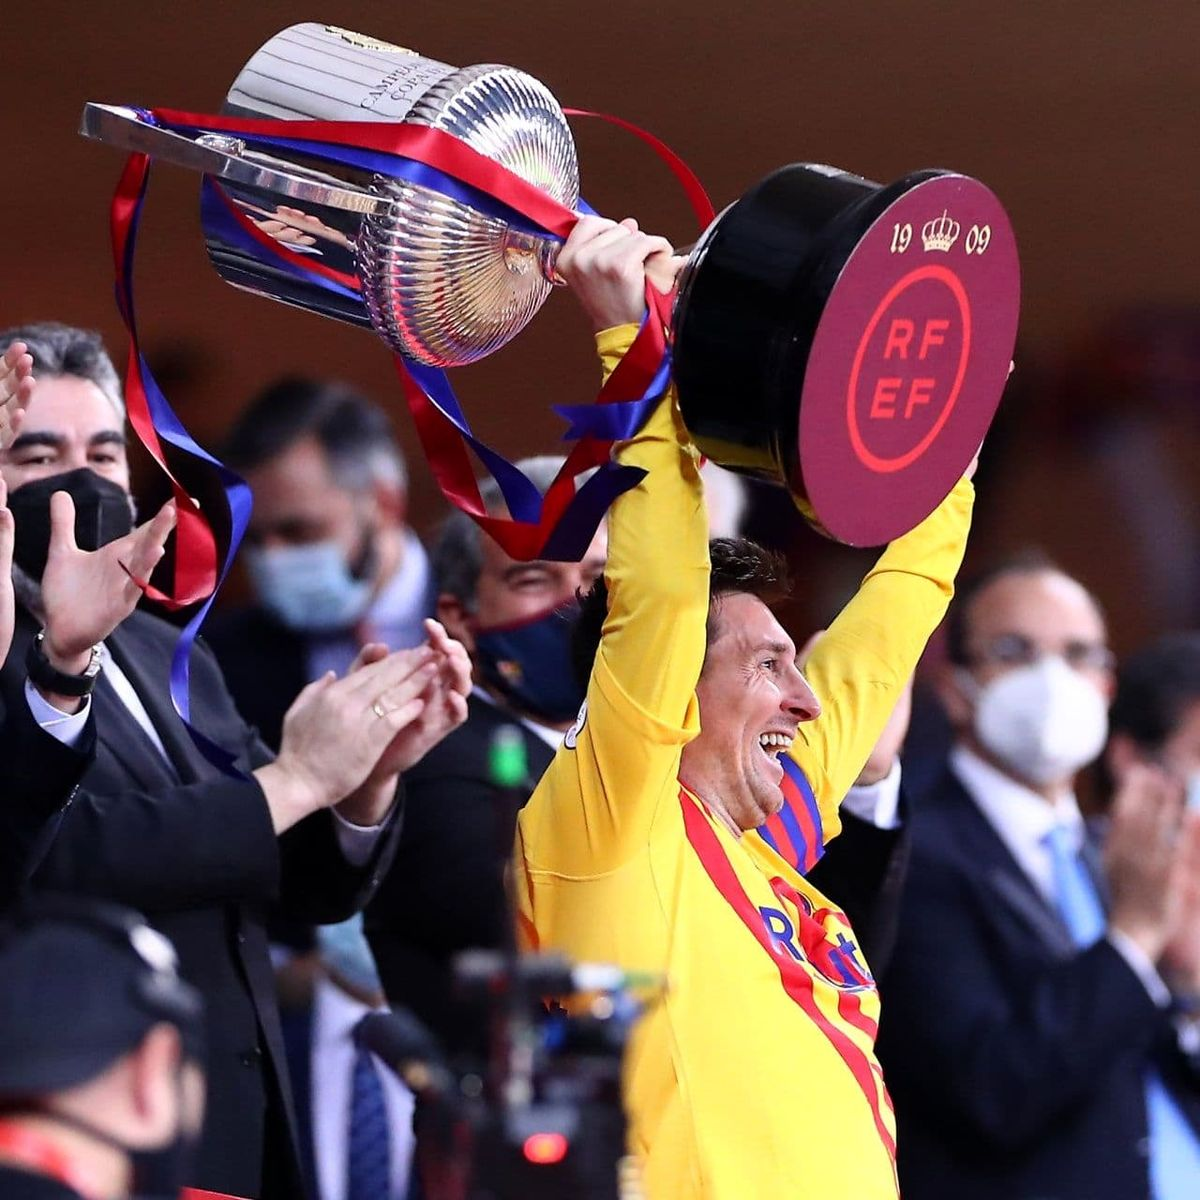 تصاویر منتشر شده از بالا بردن جام قهرمانی کوپا دل ری توسط لیونل مسی